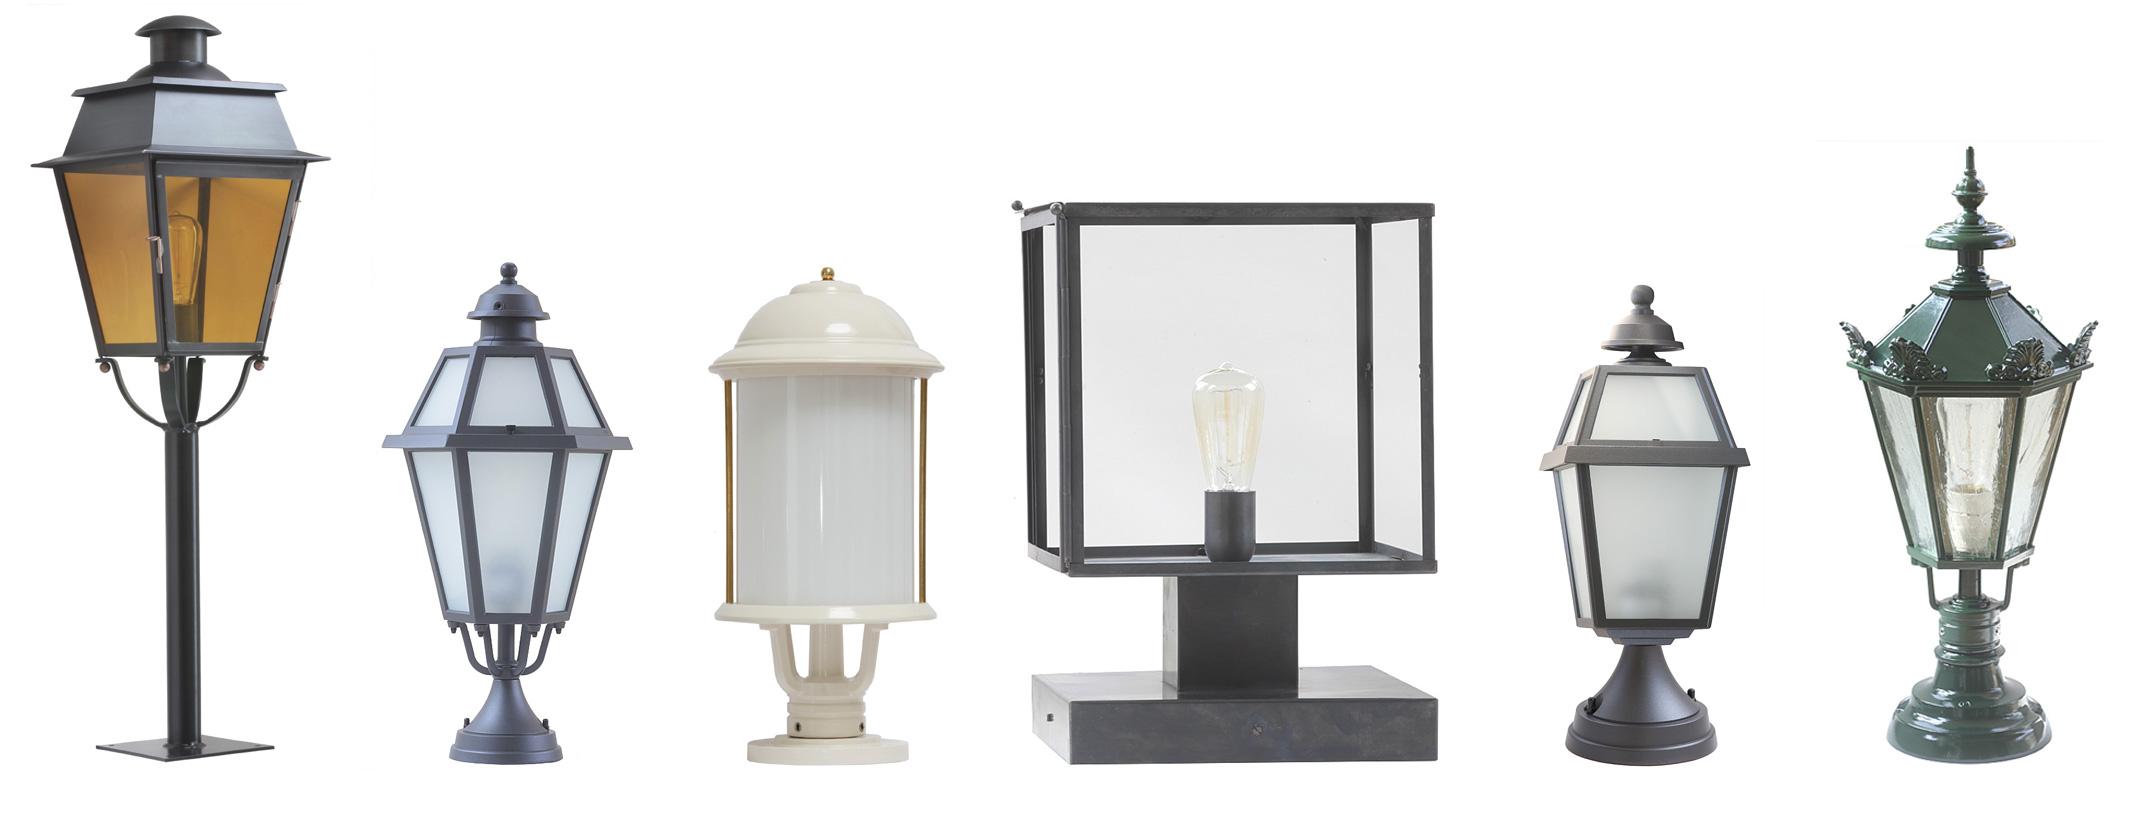 nostalgische leuchten und lampen f r au en. Black Bedroom Furniture Sets. Home Design Ideas